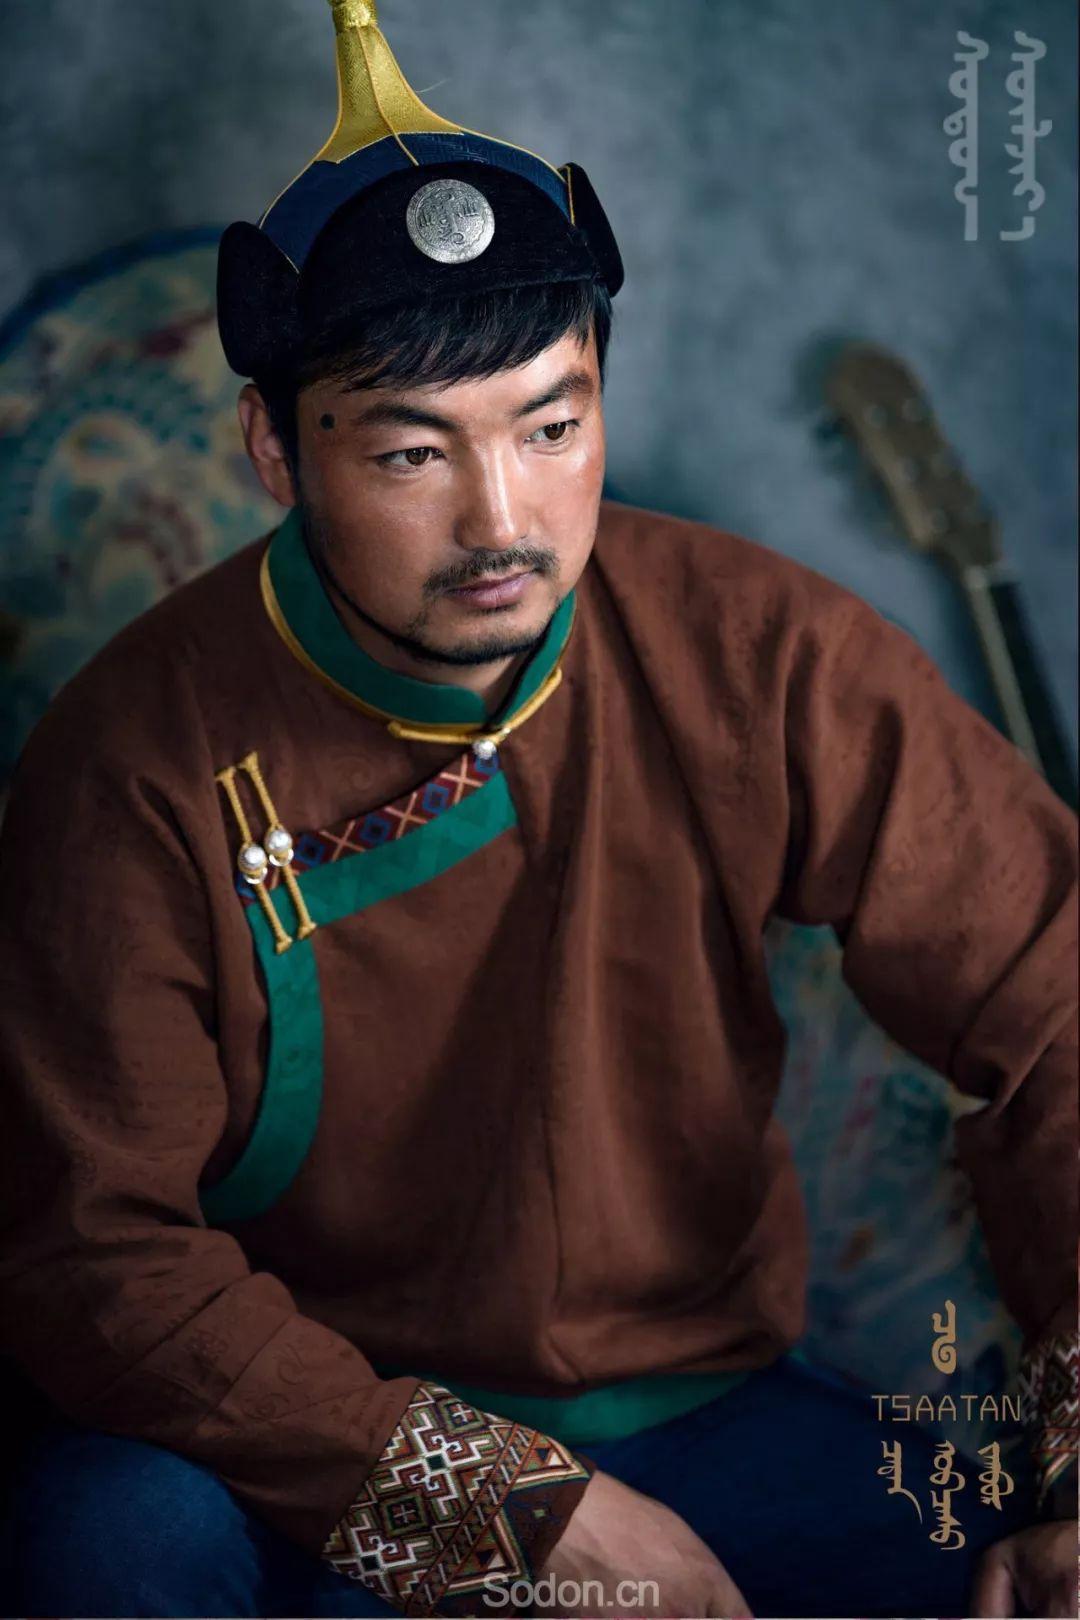 TSAATAN蒙古时装秋冬系列,来自驯鹿人的独特魅力! 第46张 TSAATAN蒙古时装秋冬系列,来自驯鹿人的独特魅力! 蒙古服饰